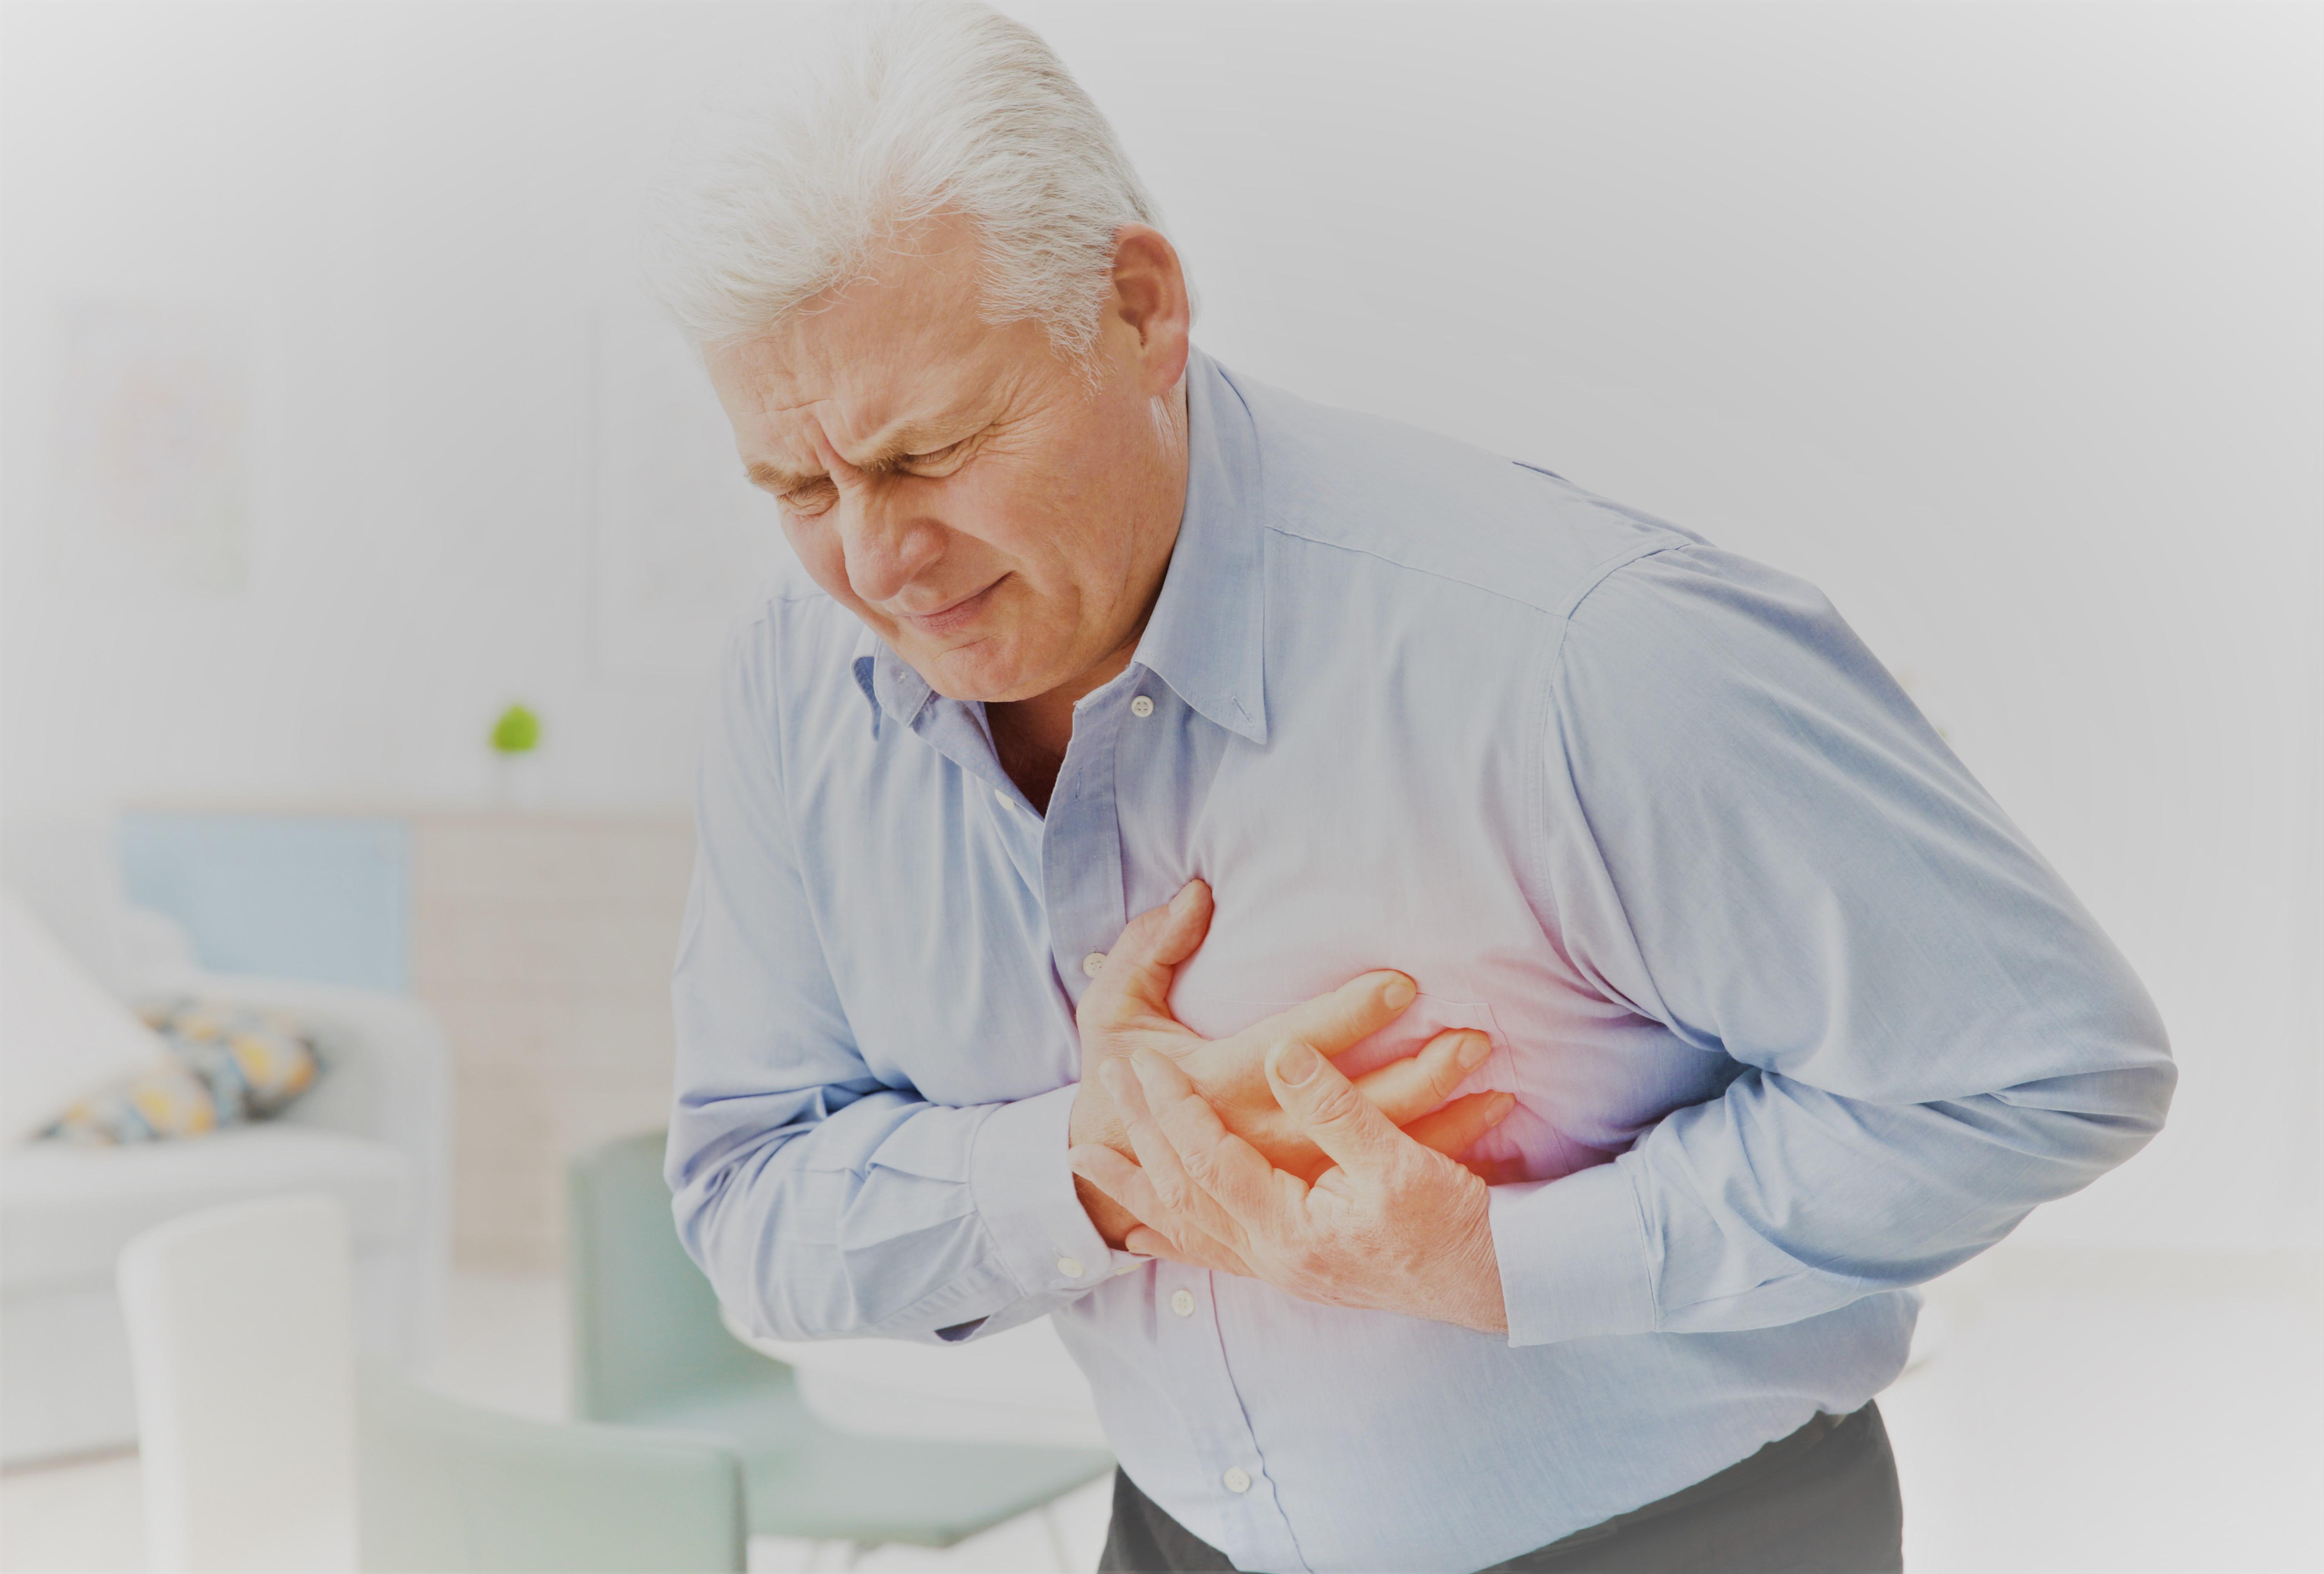 vérnyomáscsökkentő szer magas vérnyomás vérnyomás